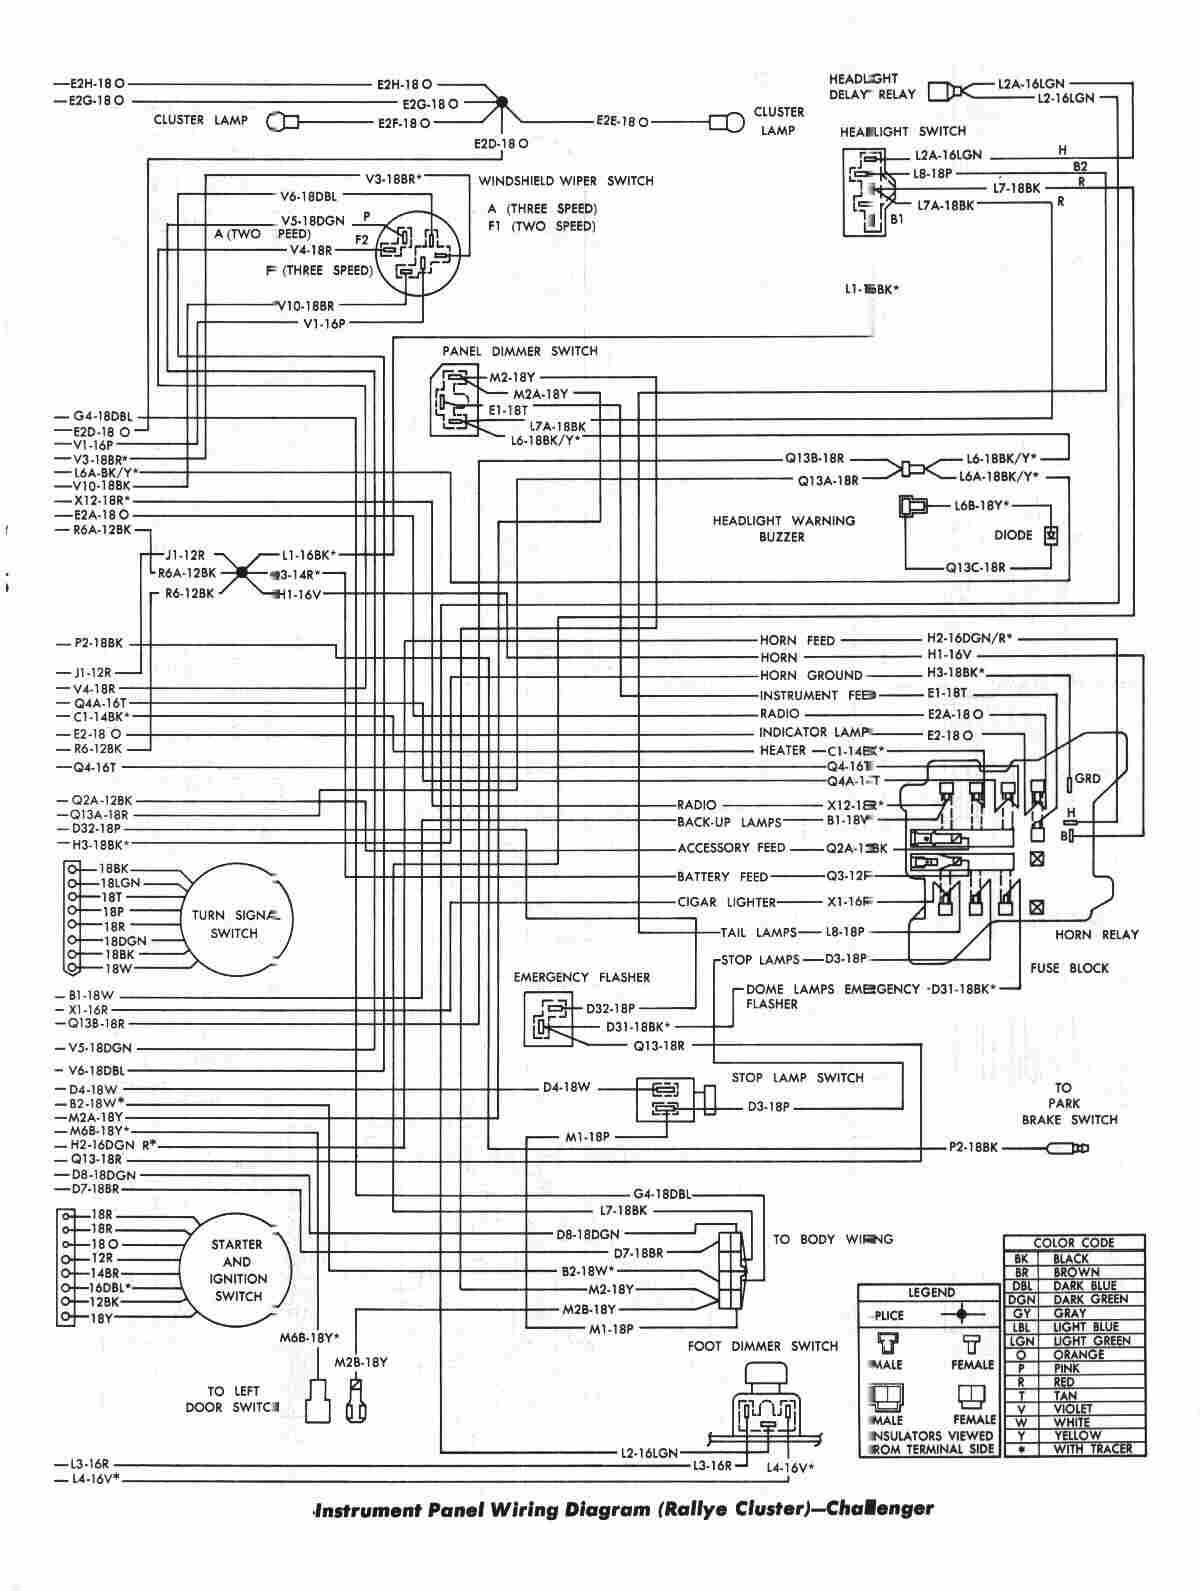 1970 challenger dash wiring diagram